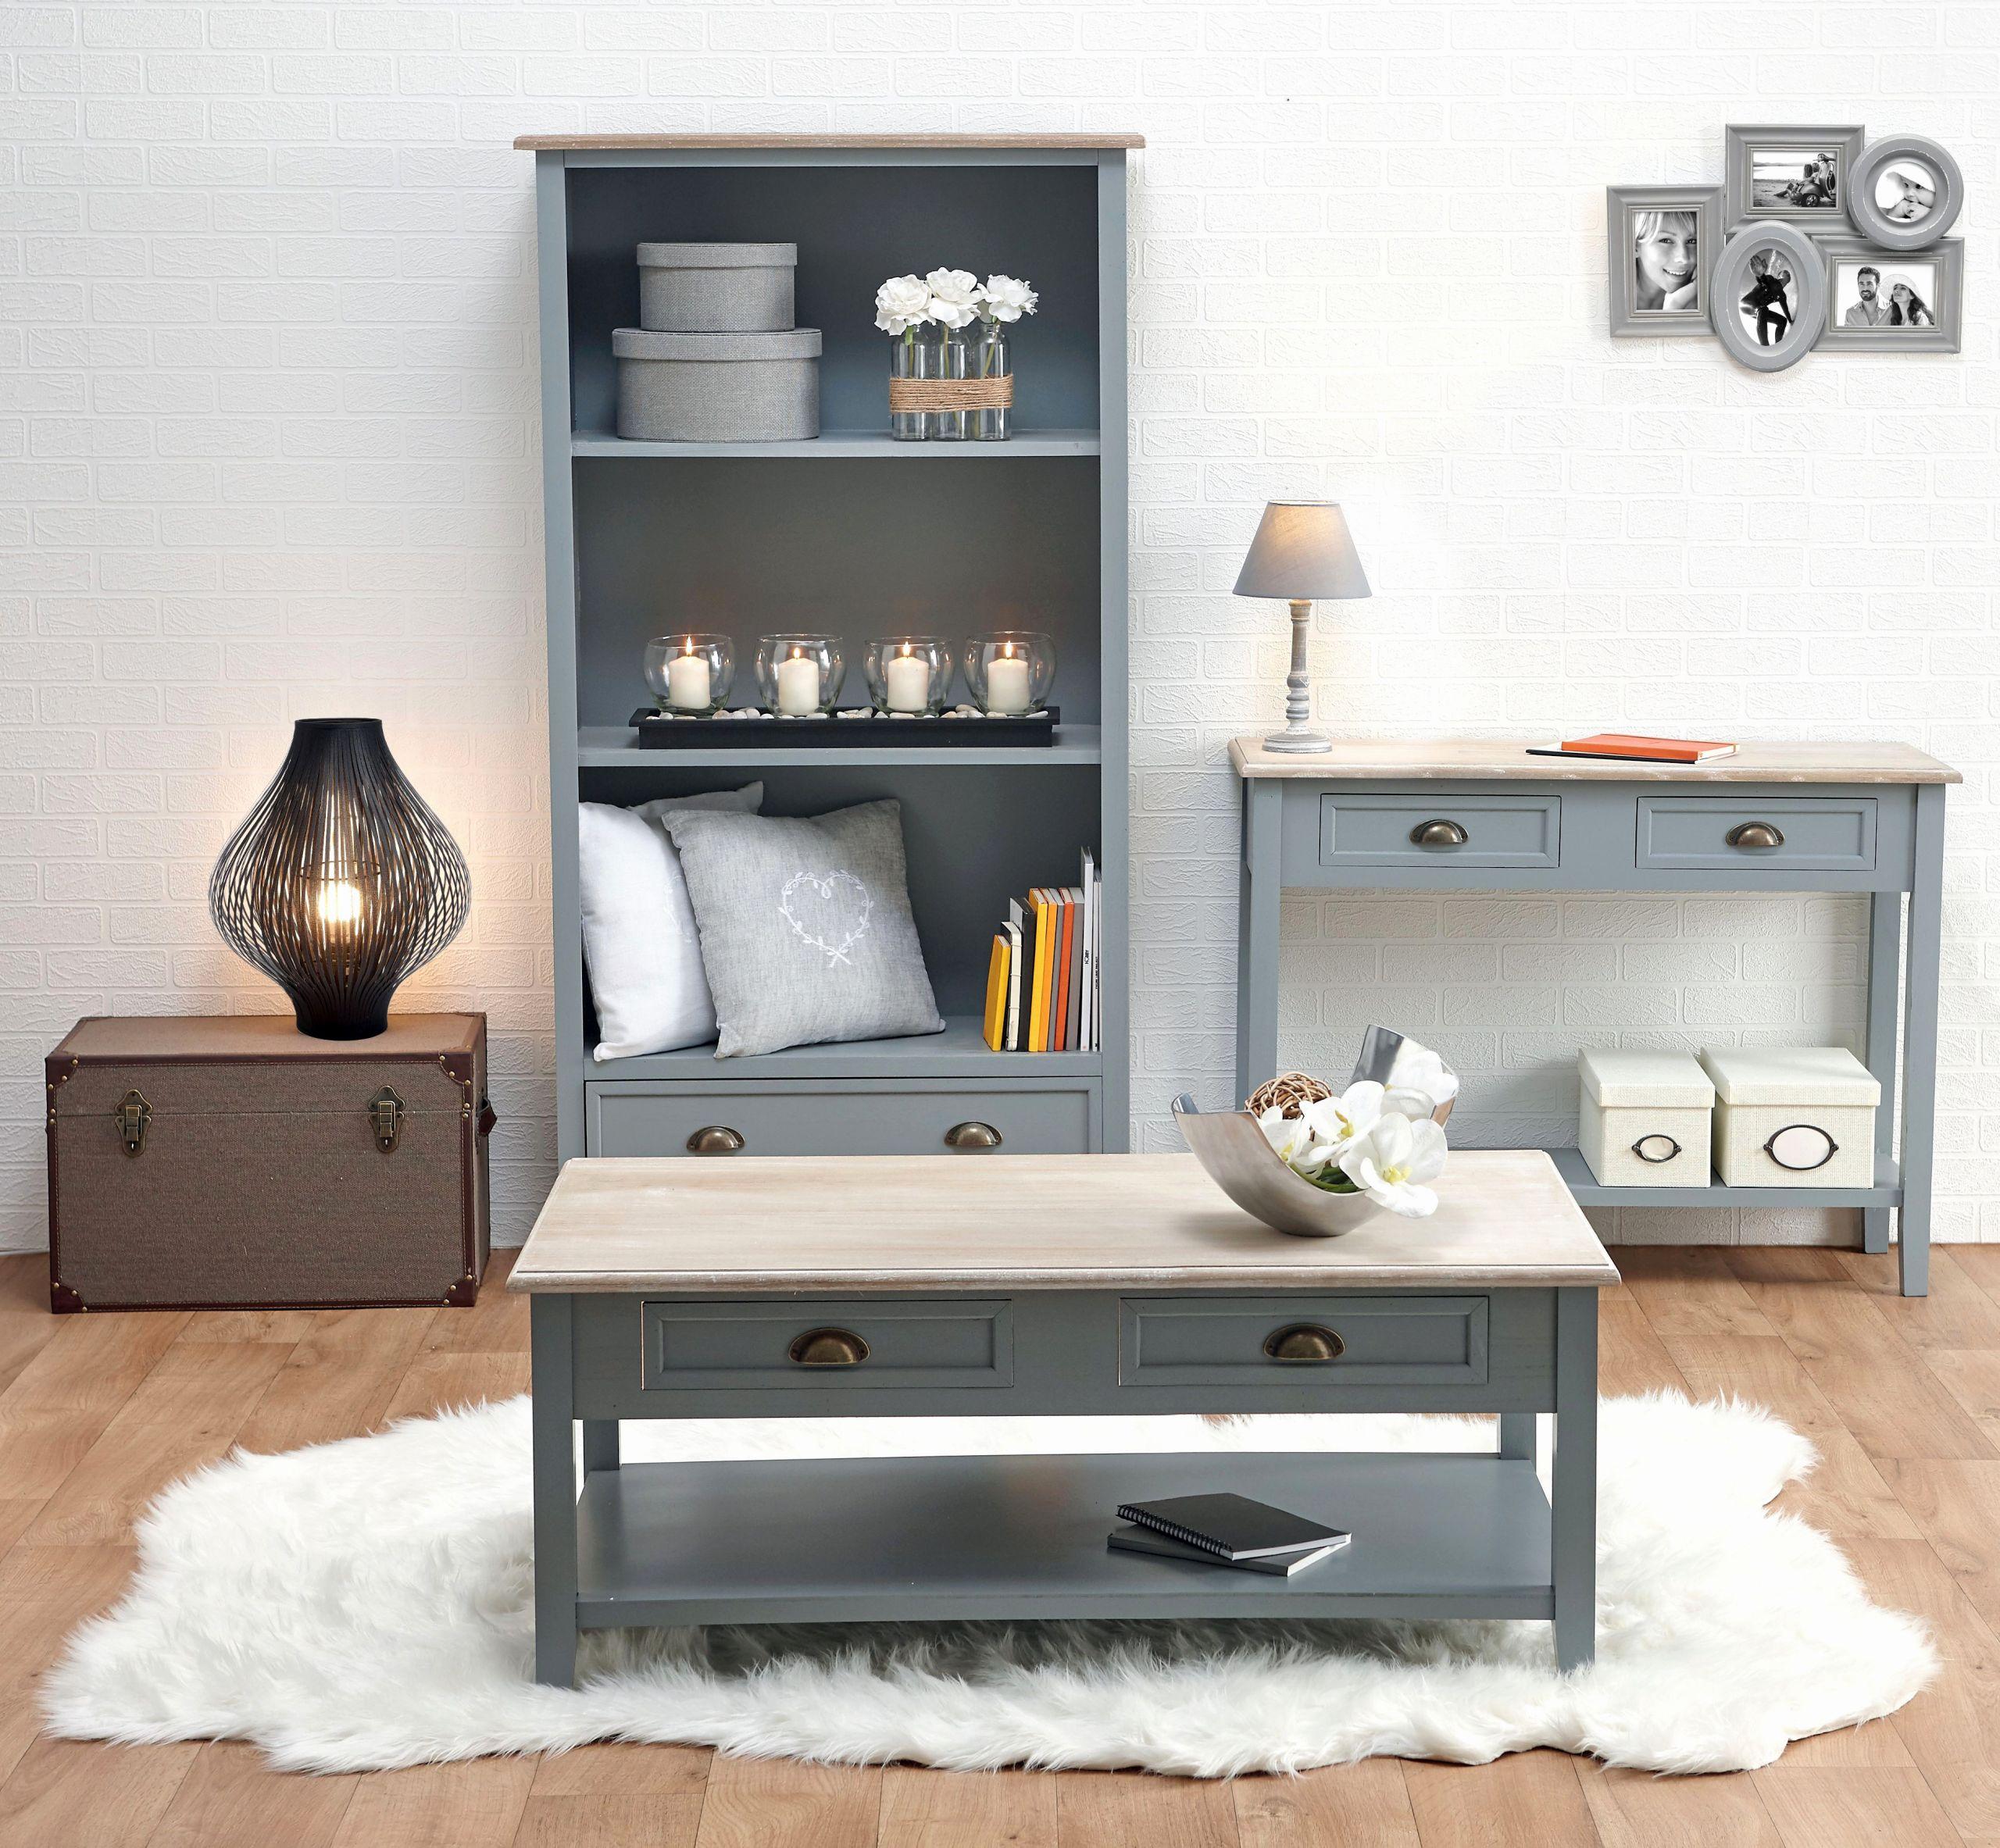 banc de salon luxe magasin meuble contemporain rangement salon meilleur banc de salon of banc de salon